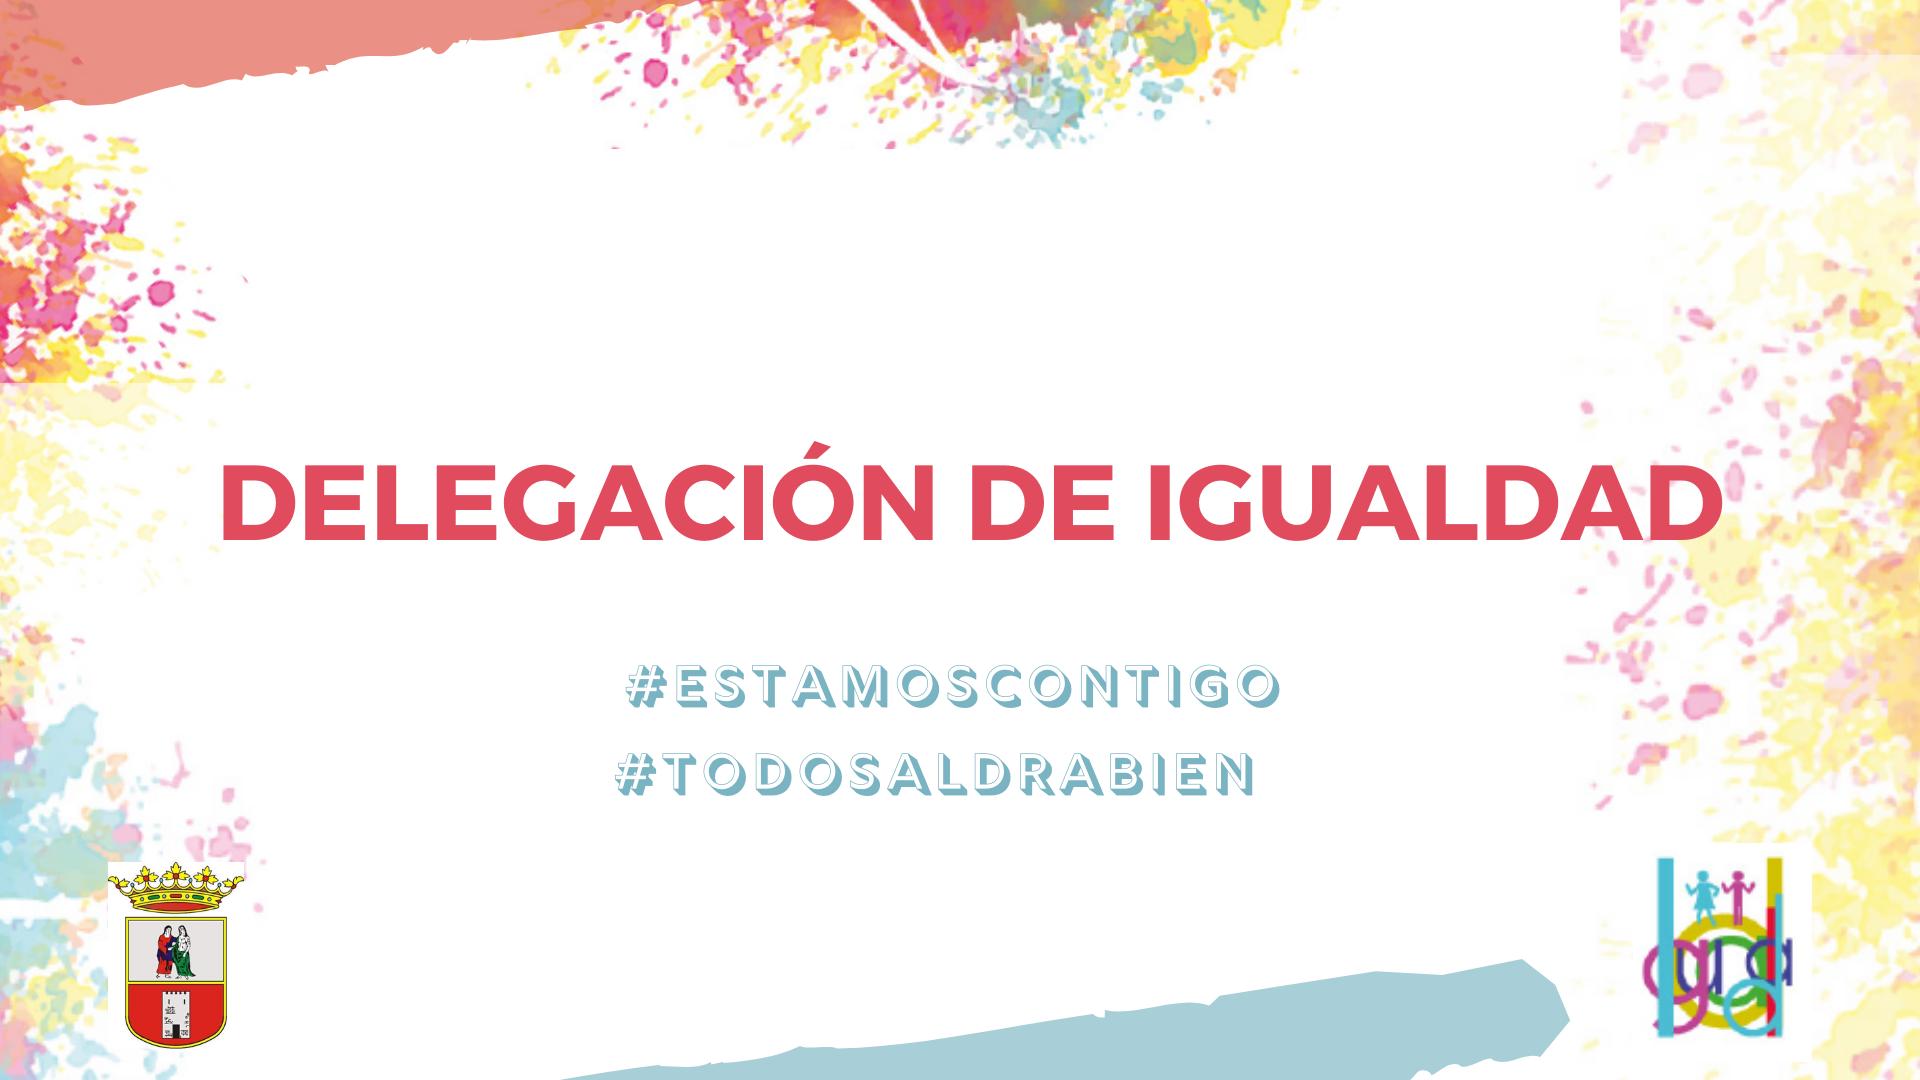 Delegación de Igualdad